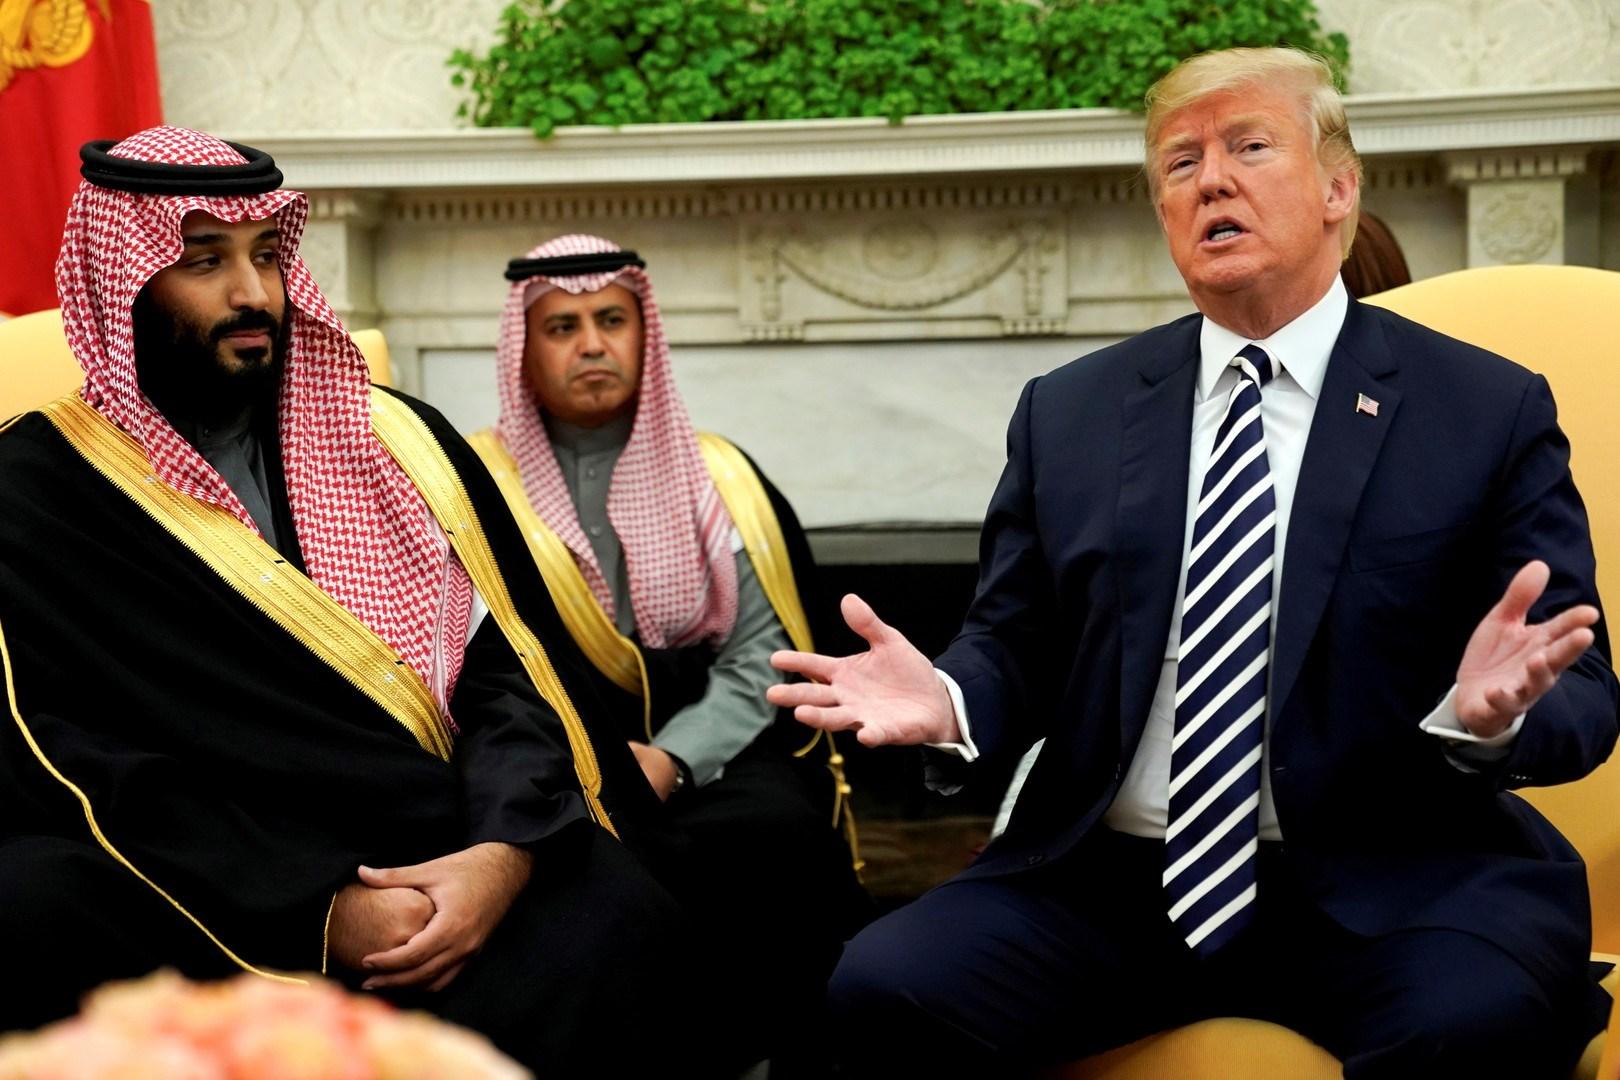 نيويورك تايمز: العائلة المالكة في السعودية مارست نفوذاً كبيراً في الشرق الأوسط